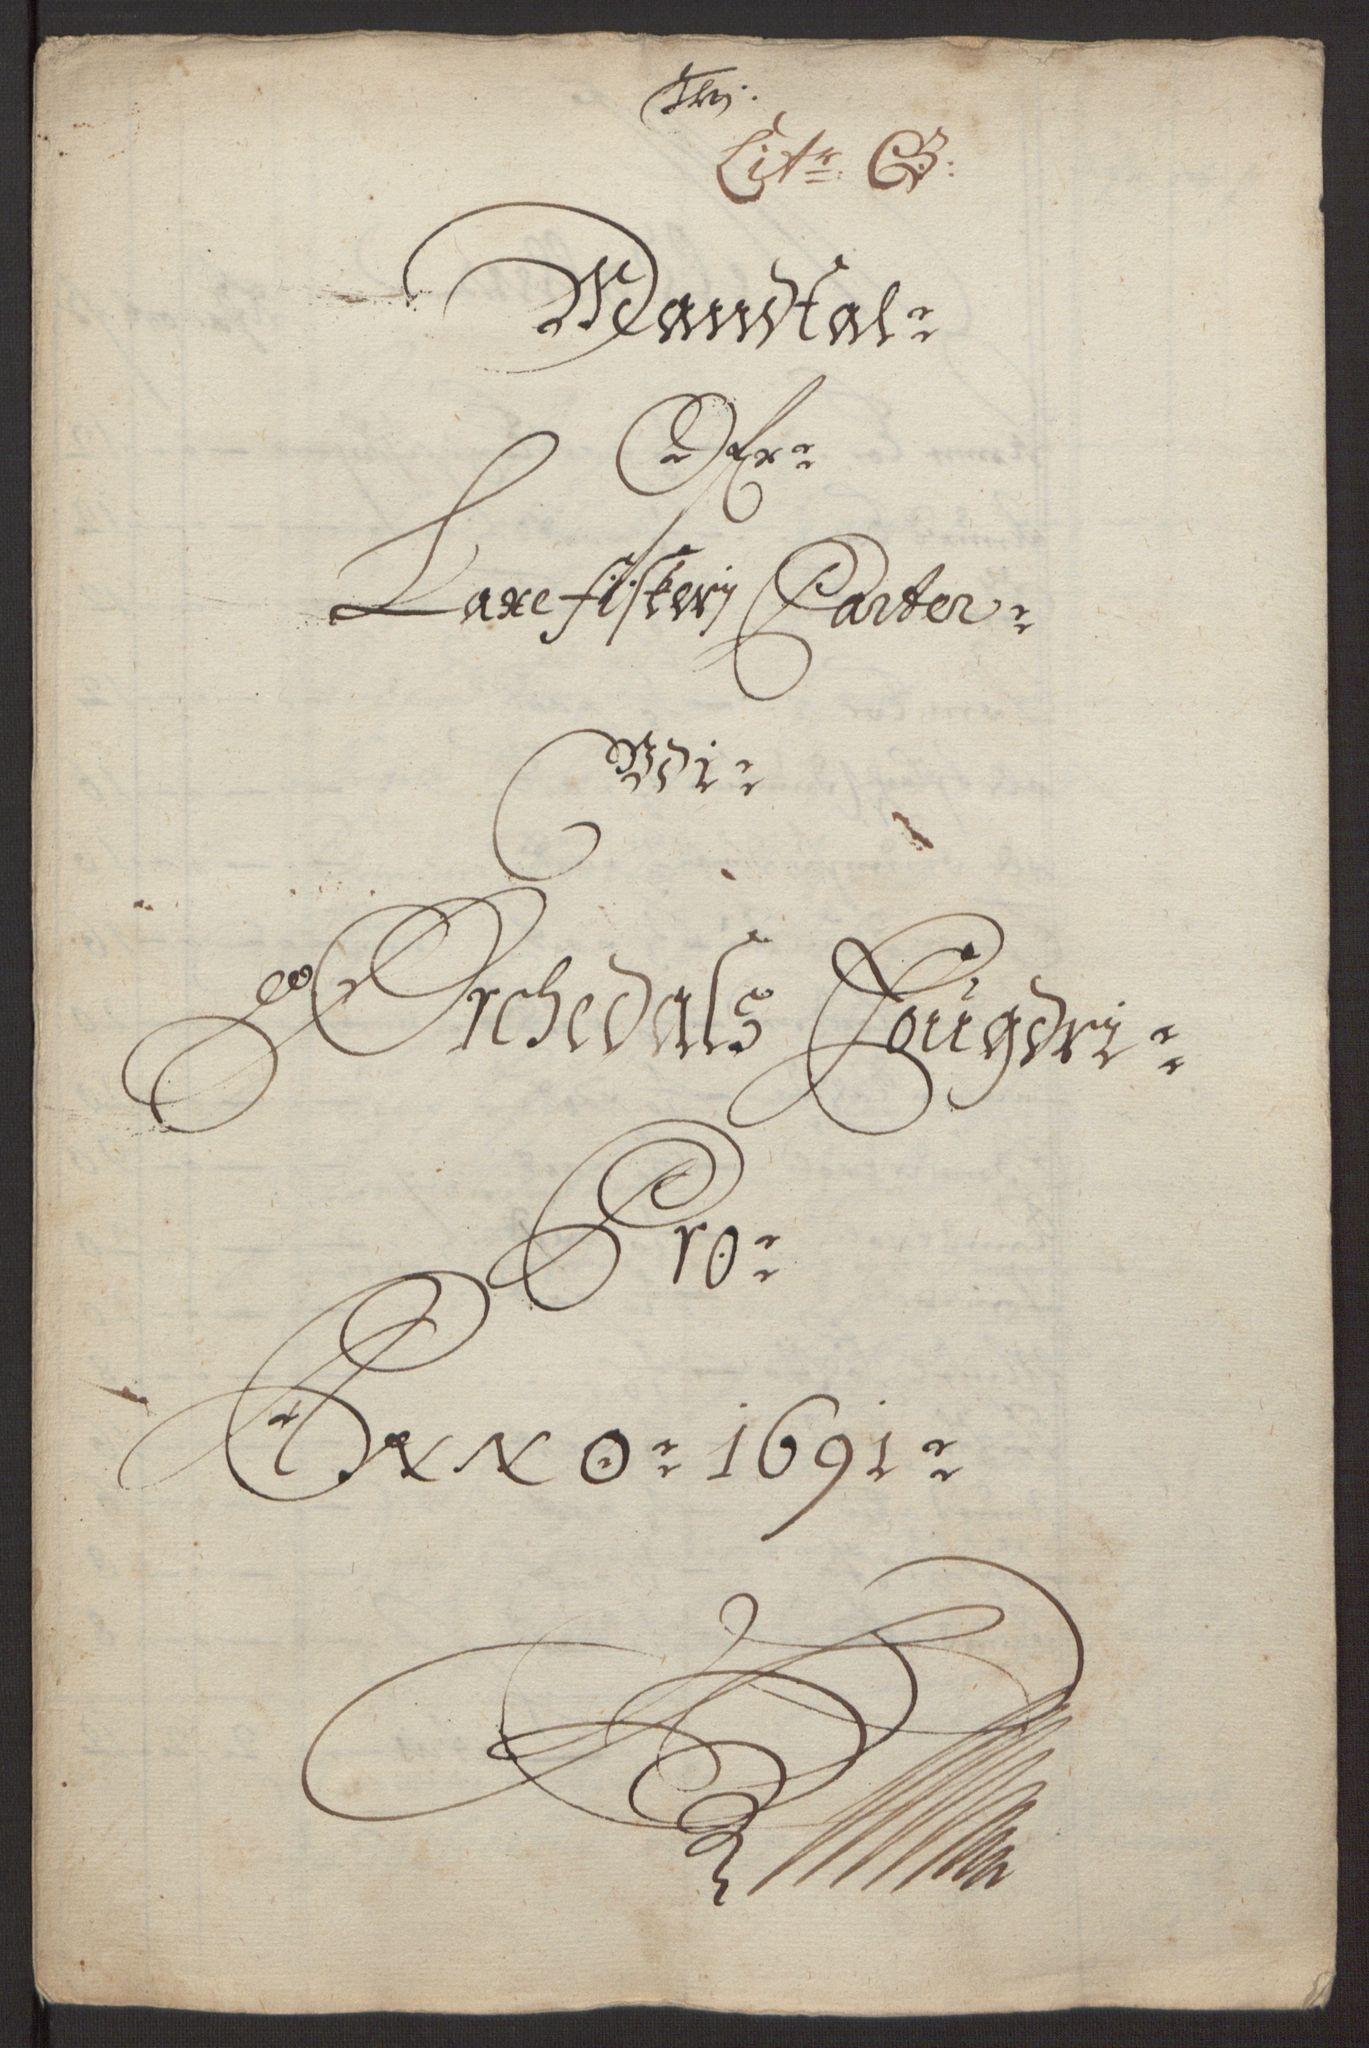 RA, Rentekammeret inntil 1814, Reviderte regnskaper, Fogderegnskap, R58/L3937: Fogderegnskap Orkdal, 1691-1692, s. 28